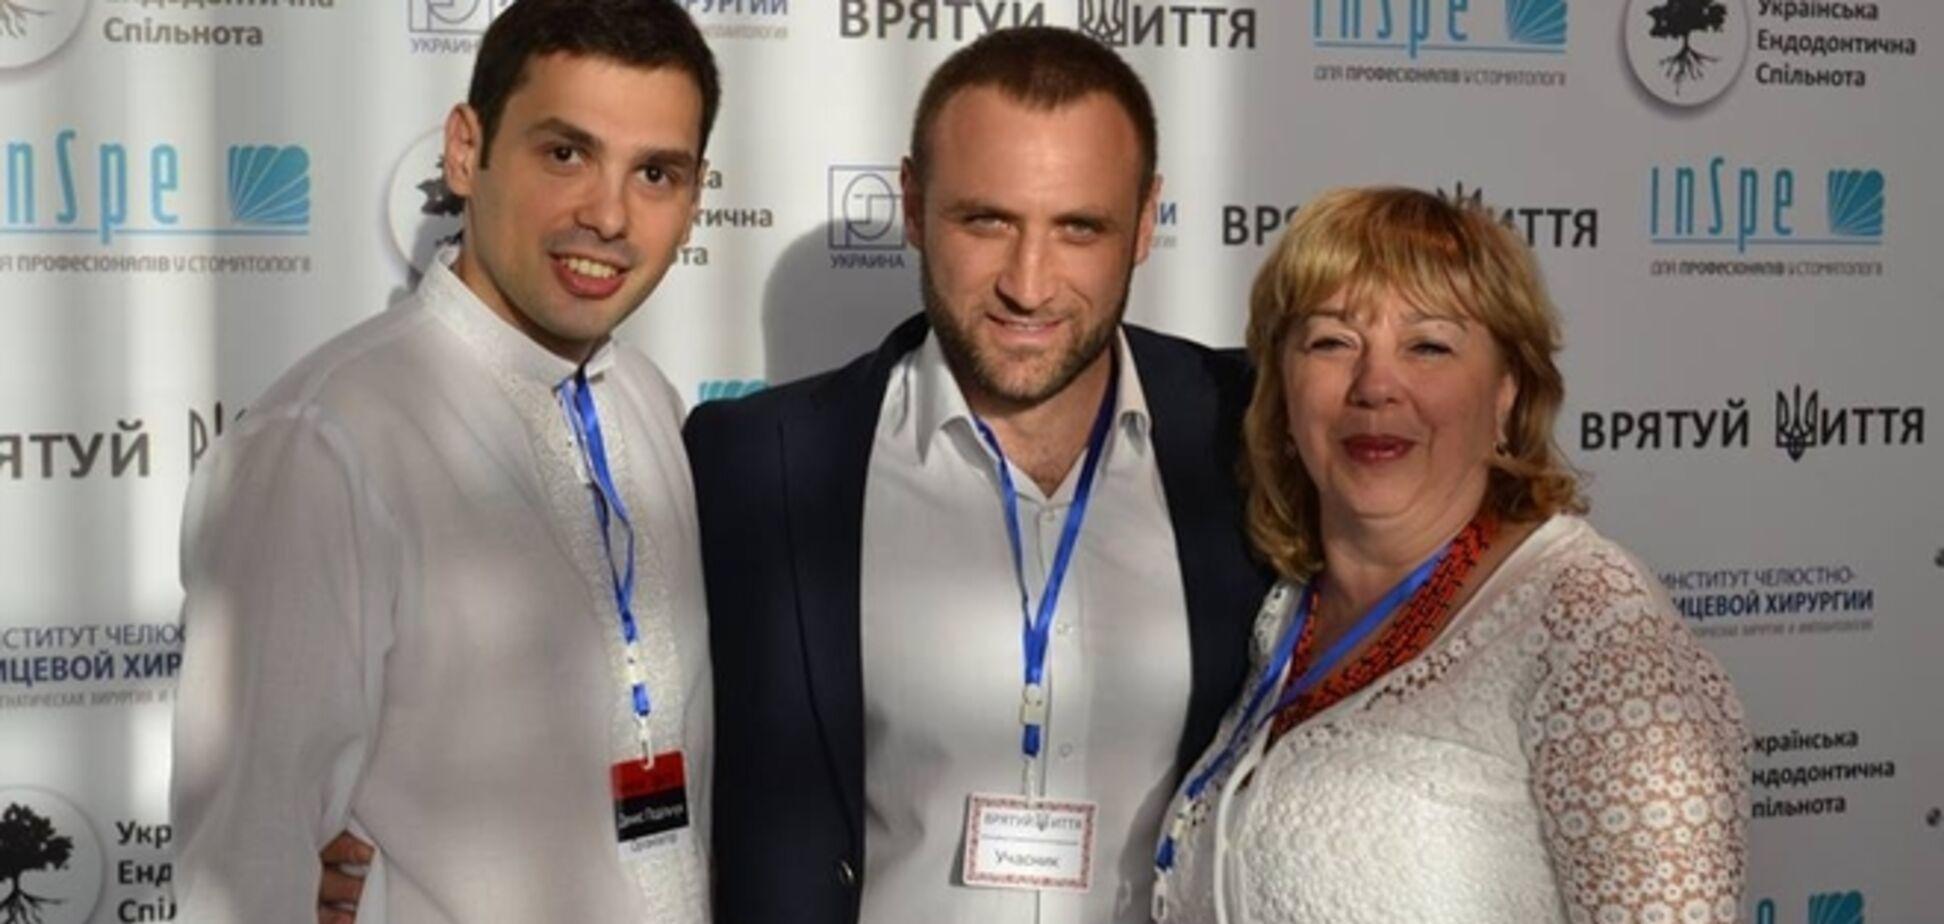 Сергей Гладыр так спел гимн Украины, что врачи пожертвовали 270 тыс.грн на АТО